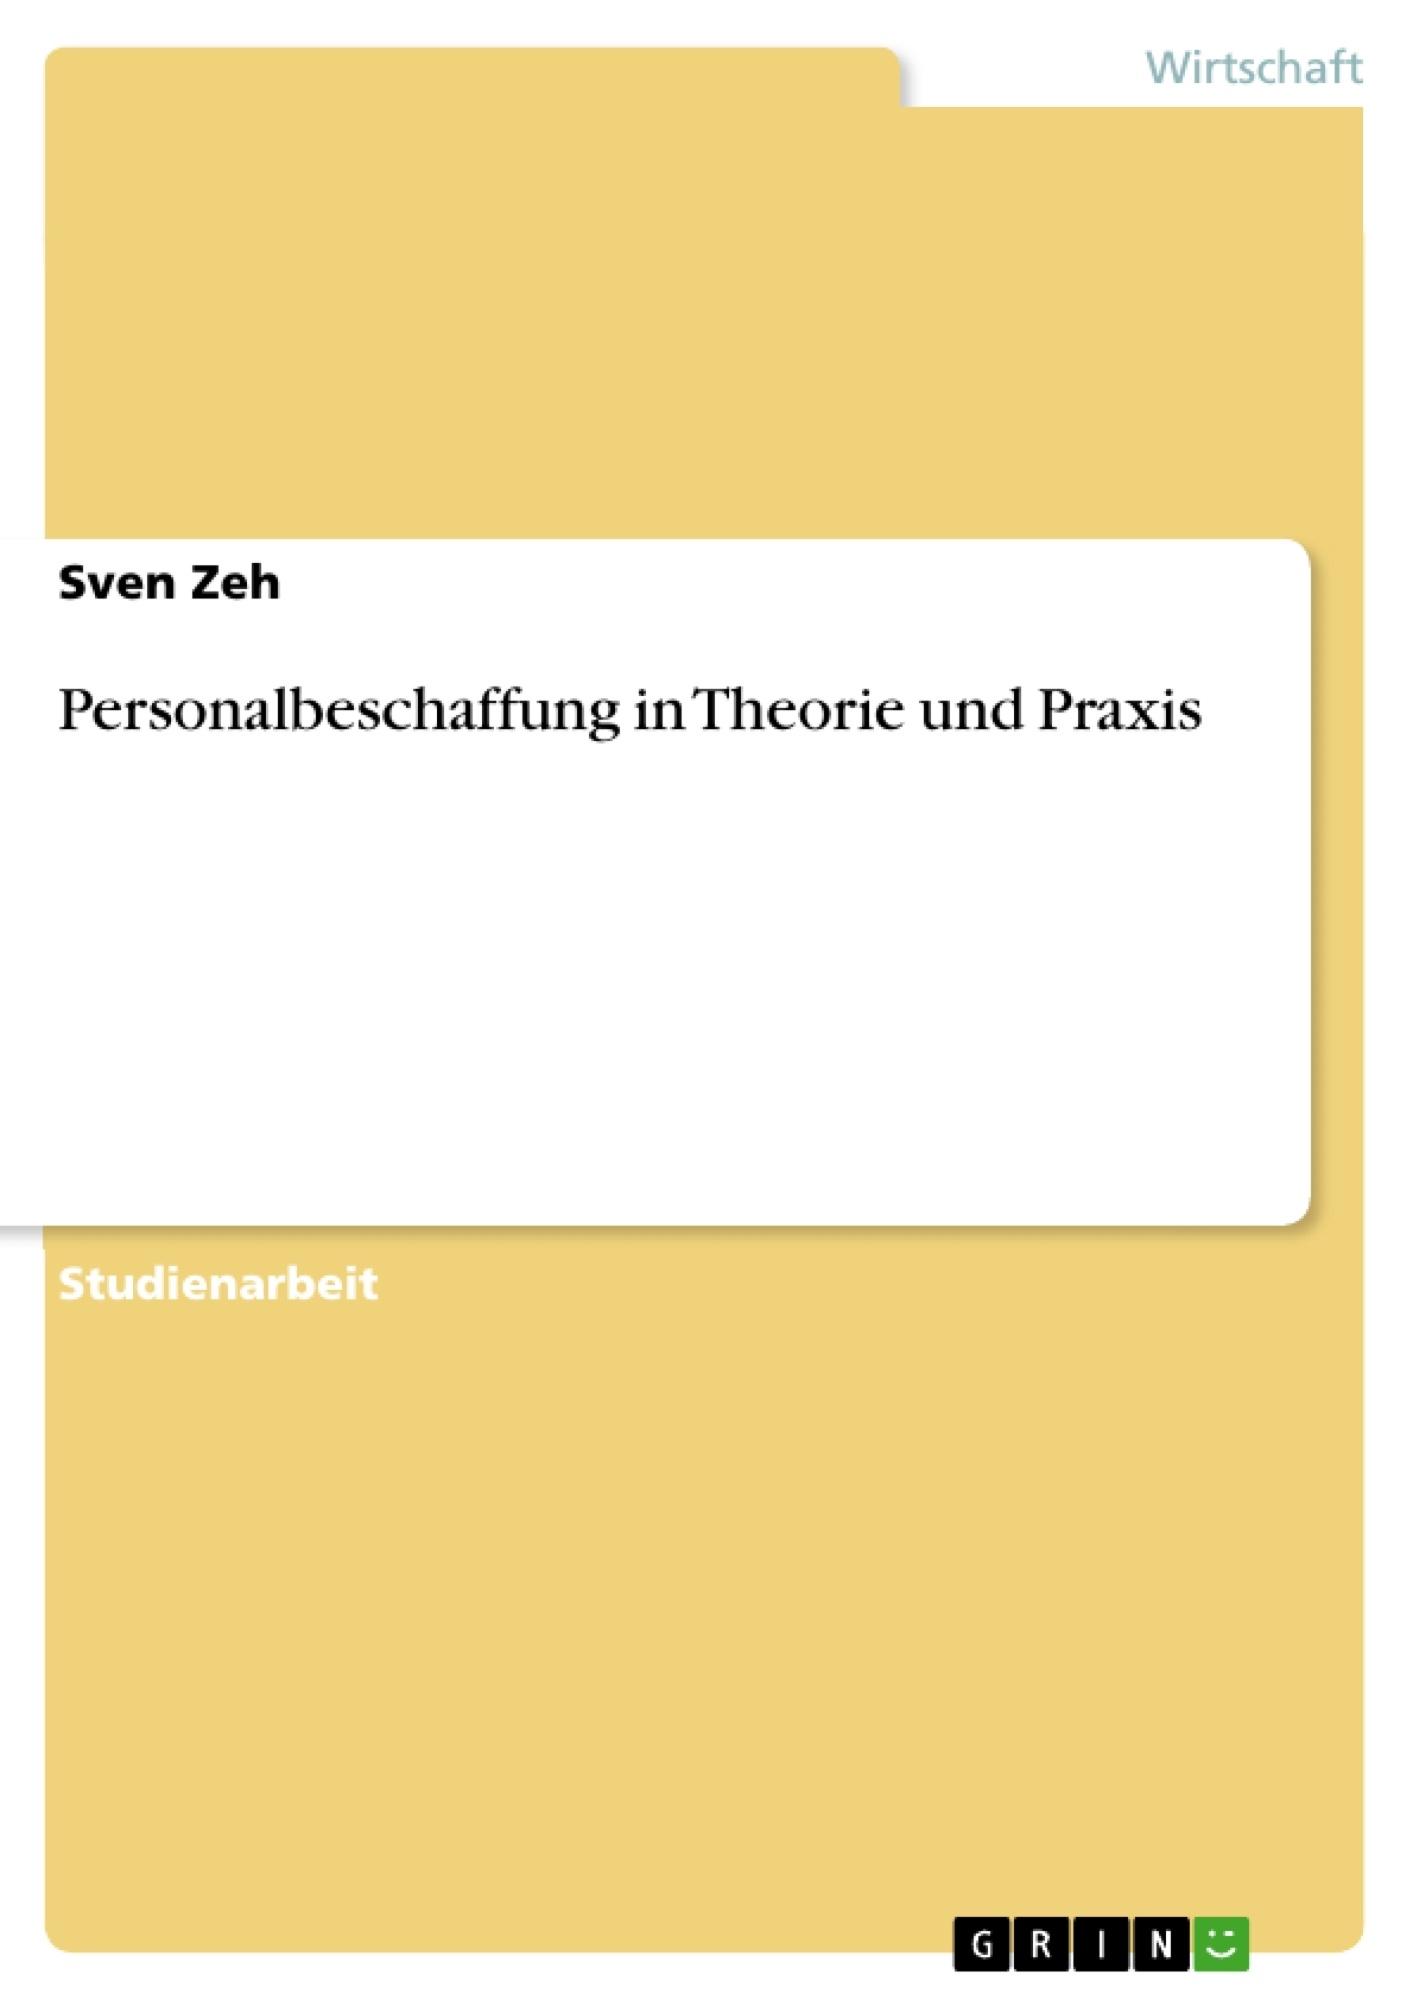 Titel: Personalbeschaffung in Theorie und Praxis